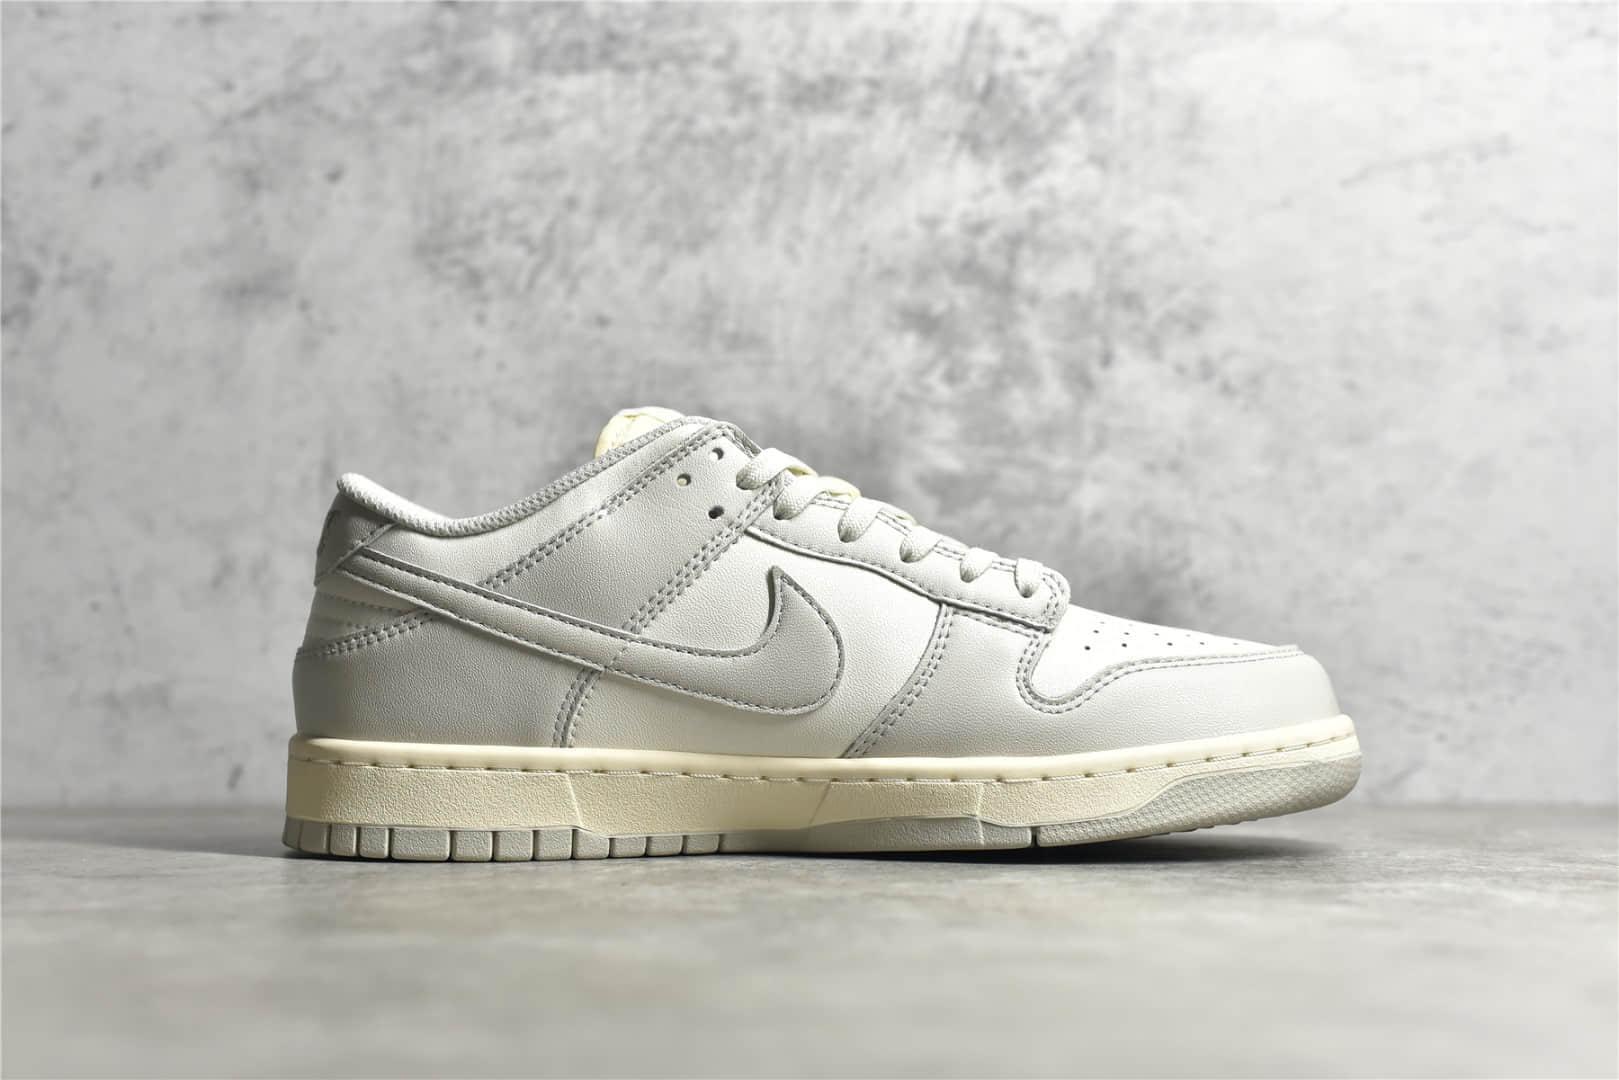 耐克Dunk SB骨白低帮 Nike Dunk SB Low RETRO 耐克SB Dunk灰白低帮板鞋 货号:DD1503-107-潮流者之家